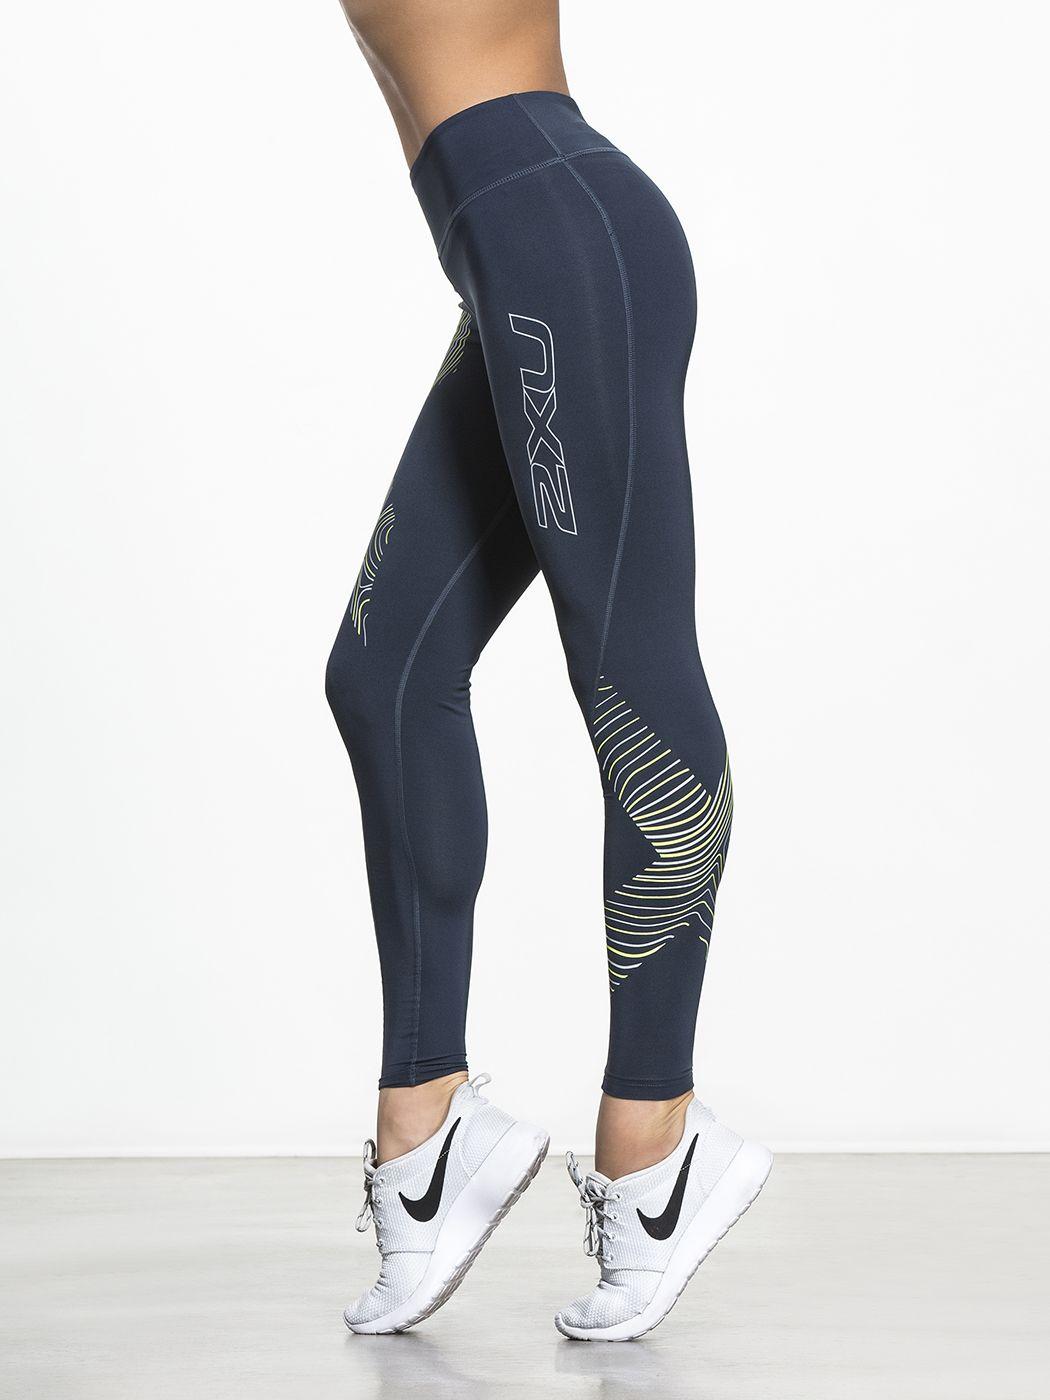 e38e4c2a7f Hyoptik Mid Rise Compression | 2XU Compression | Girls in leggings ...